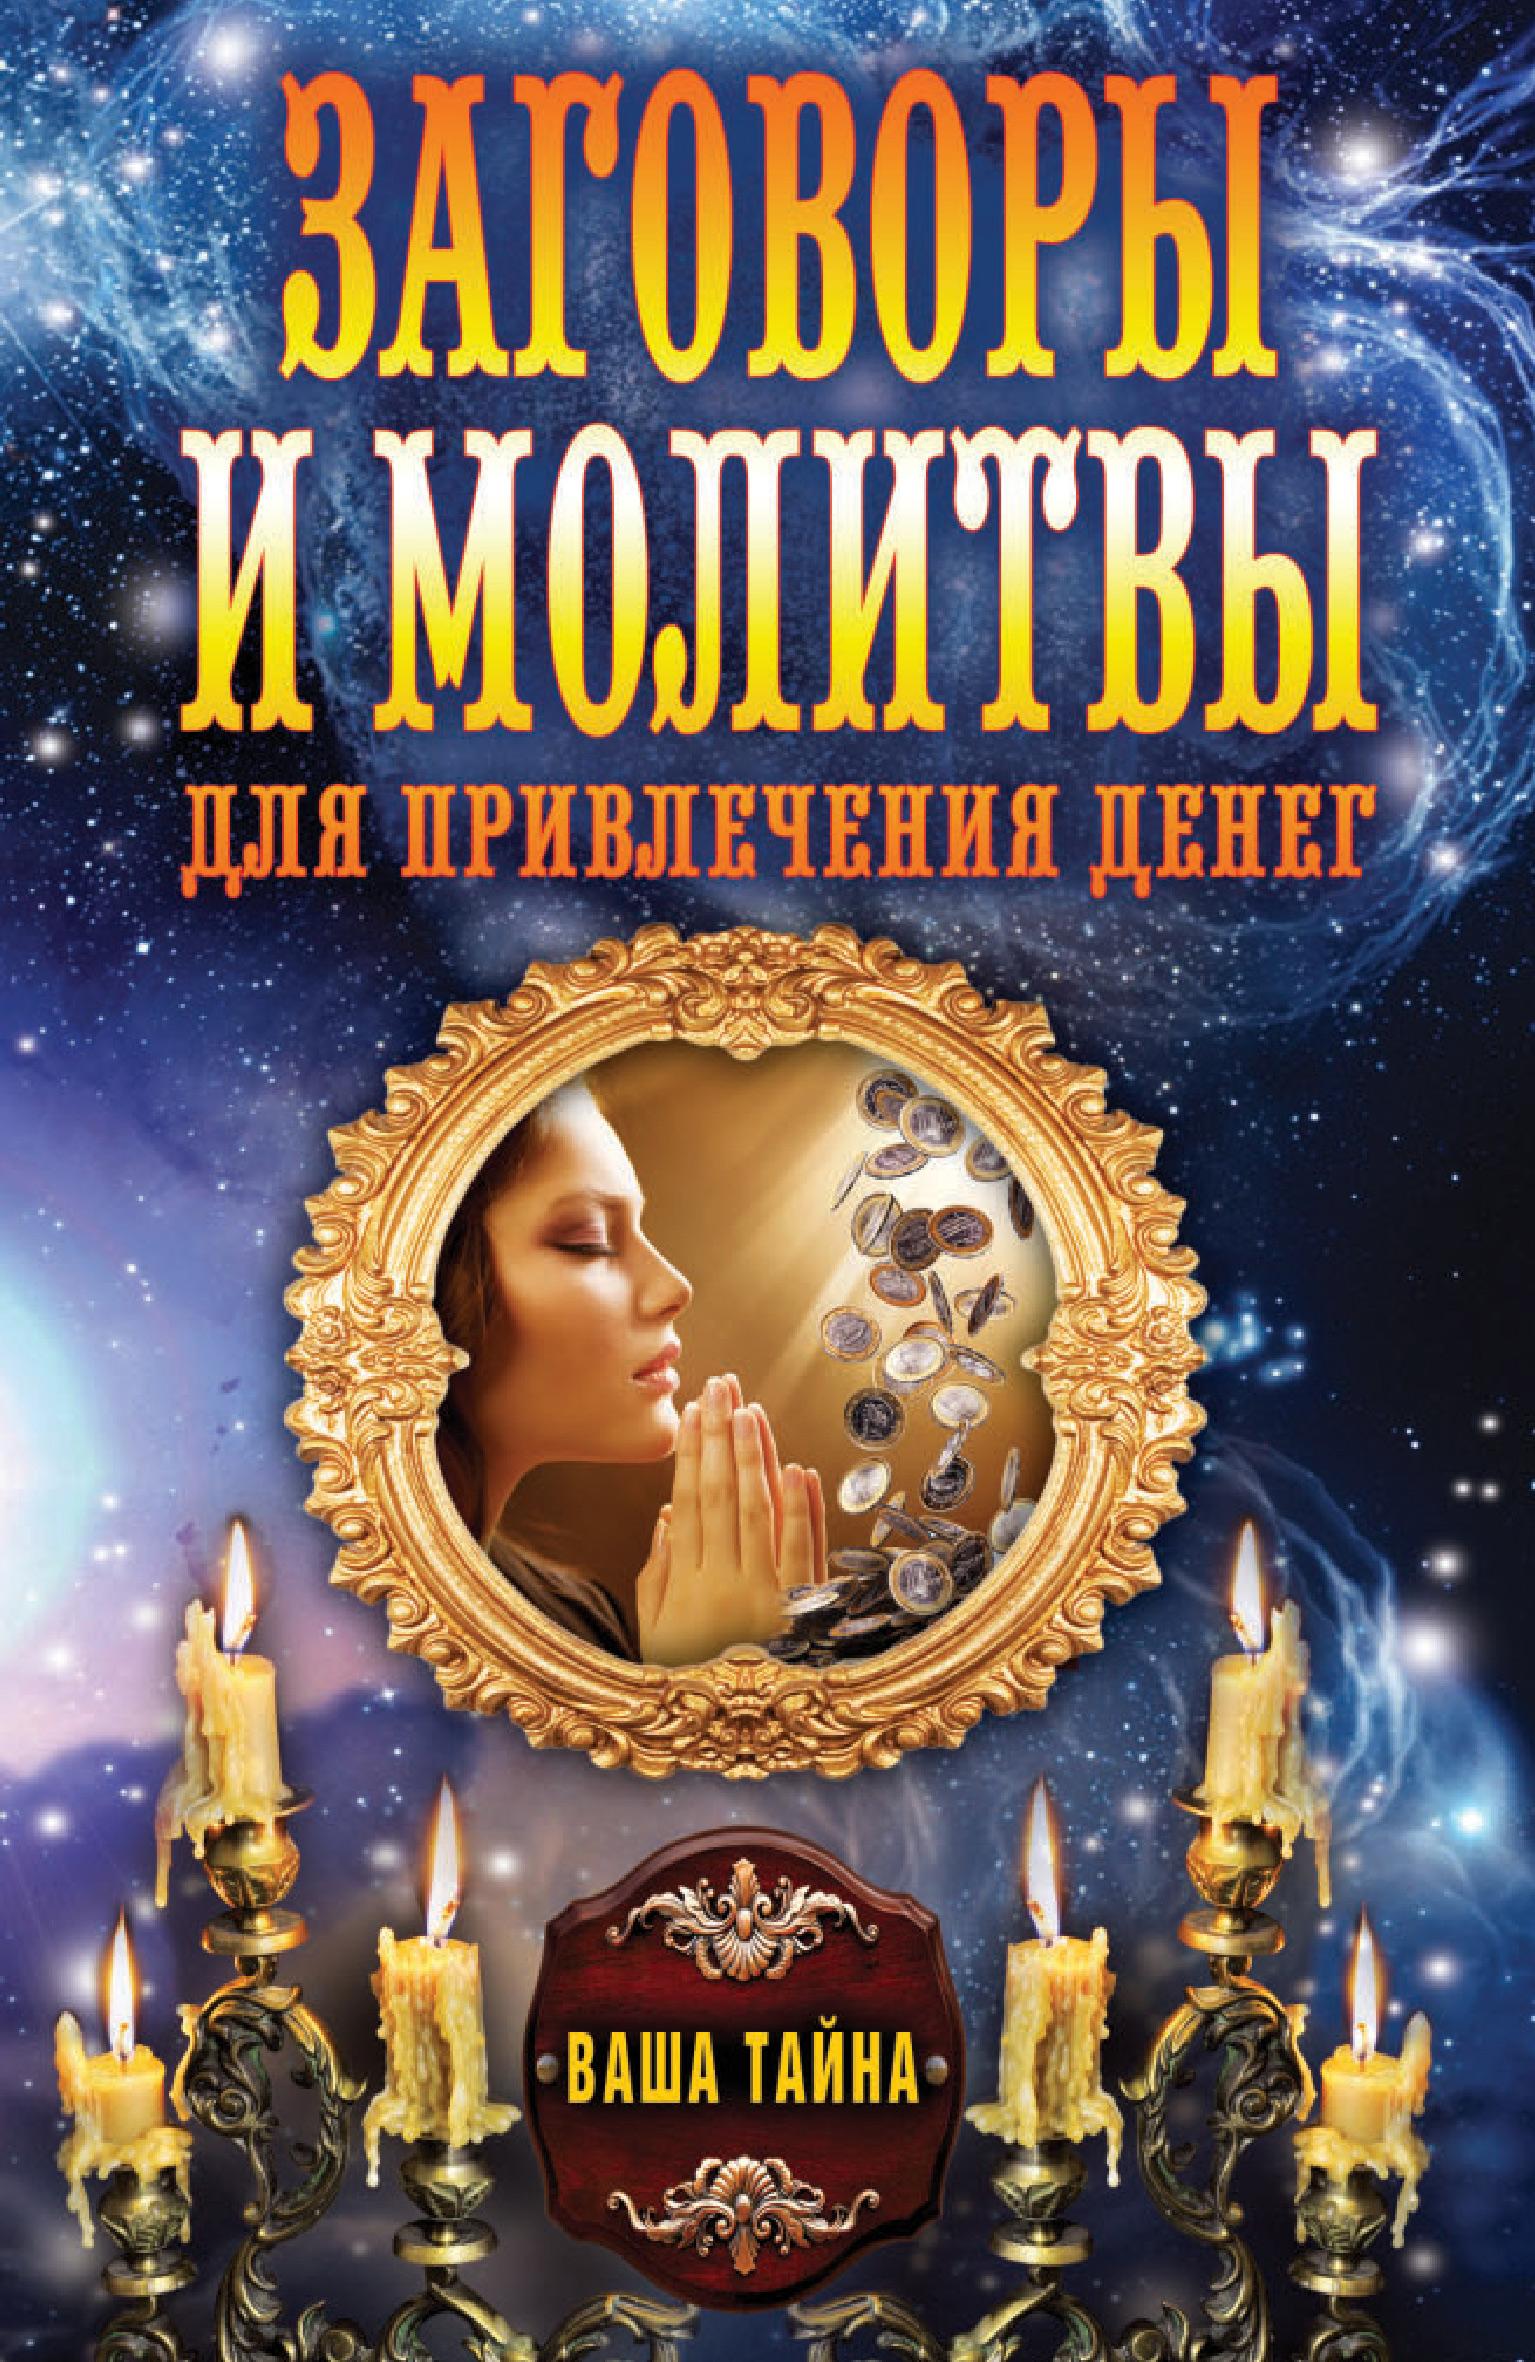 О. Н. Романова Заговоры и молитвы для привлечения денег цена